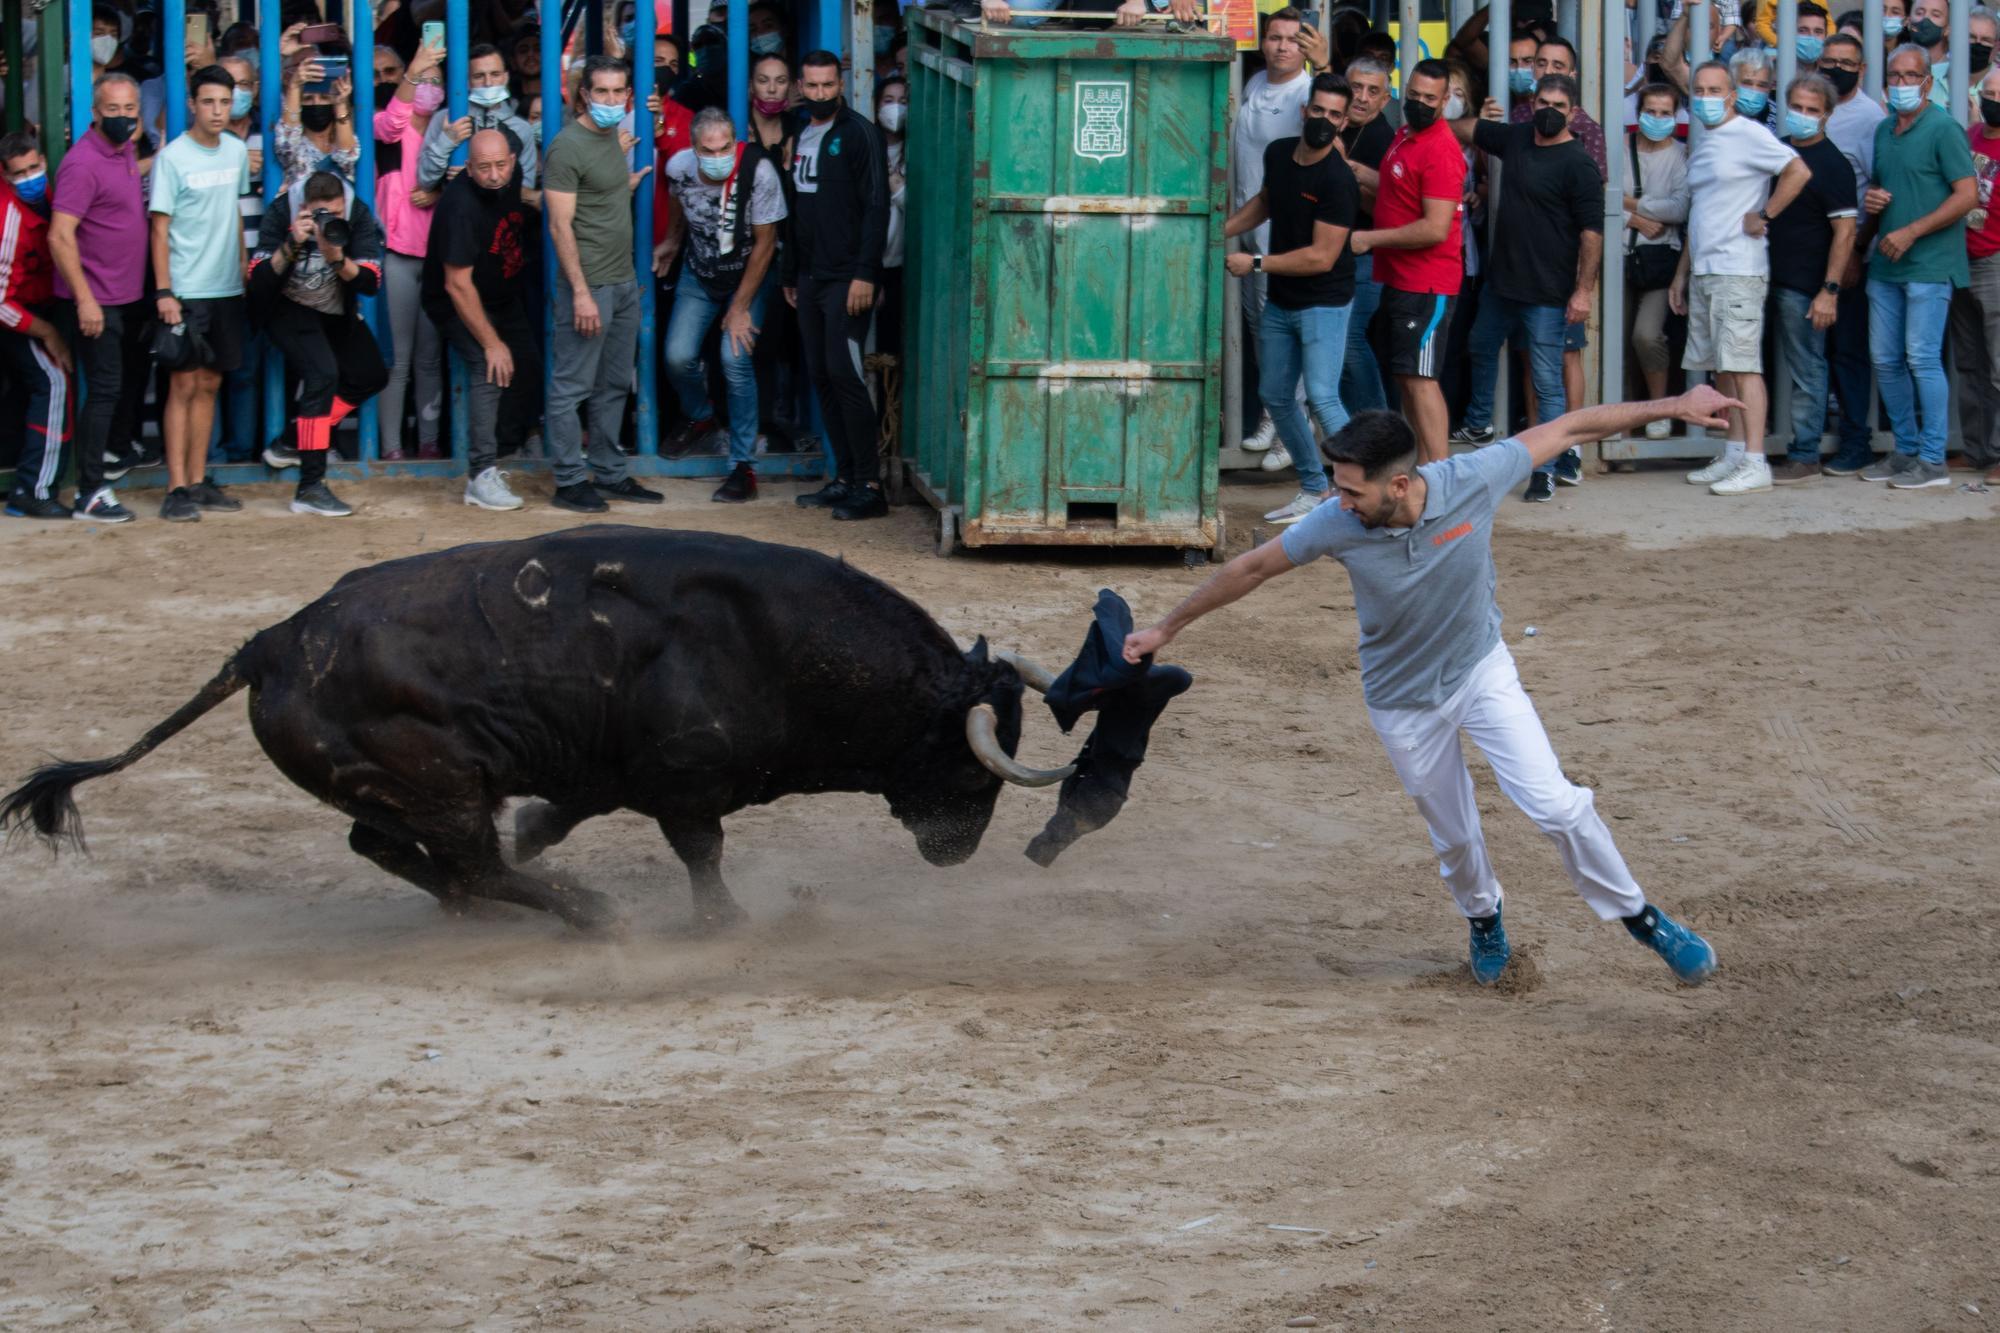 El tercer día de toros en Almassora, en imágenes